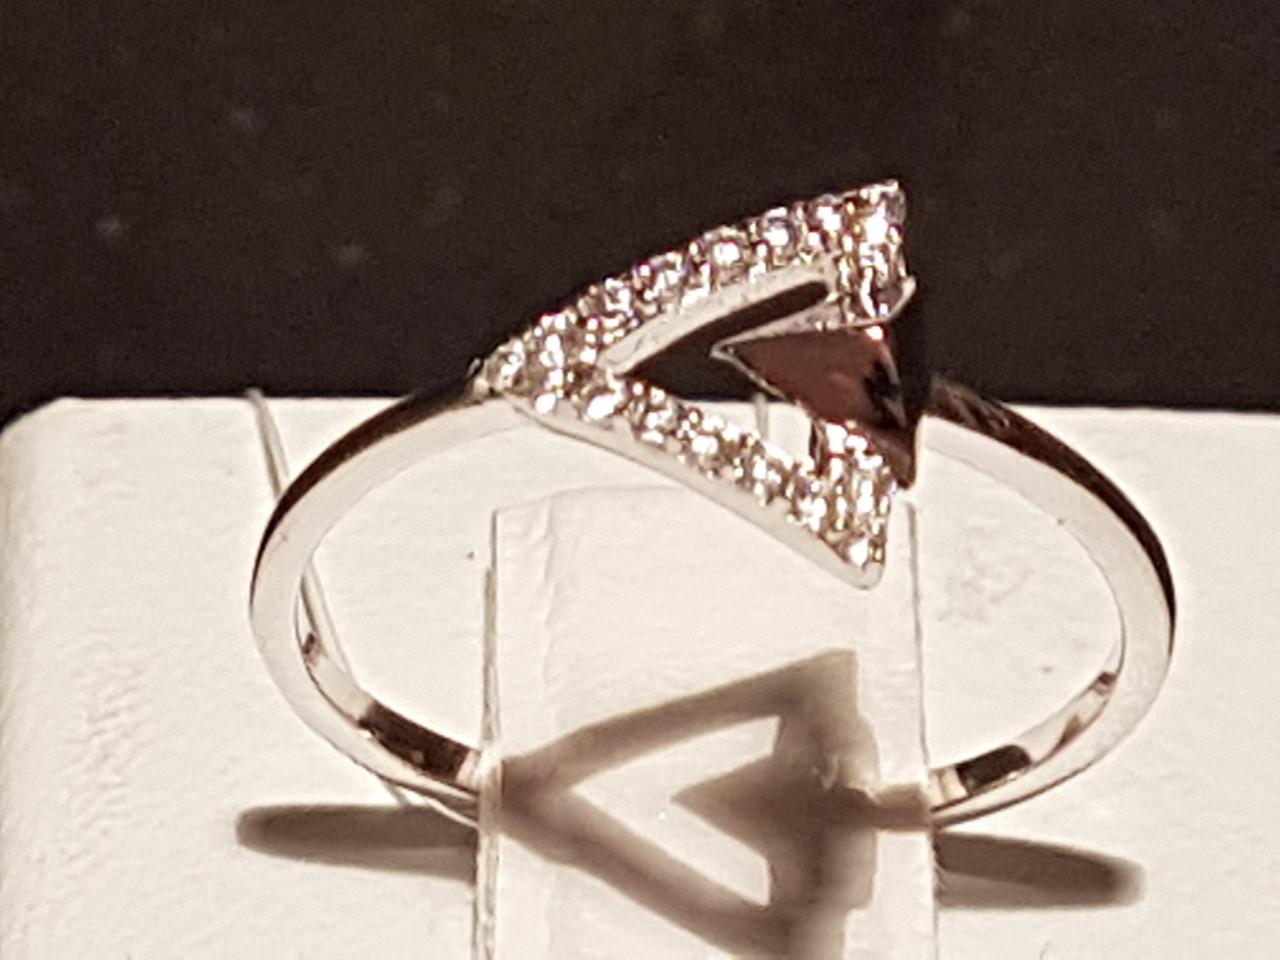 Срібне кільце з фіанітами. Артикул 901-00874 15